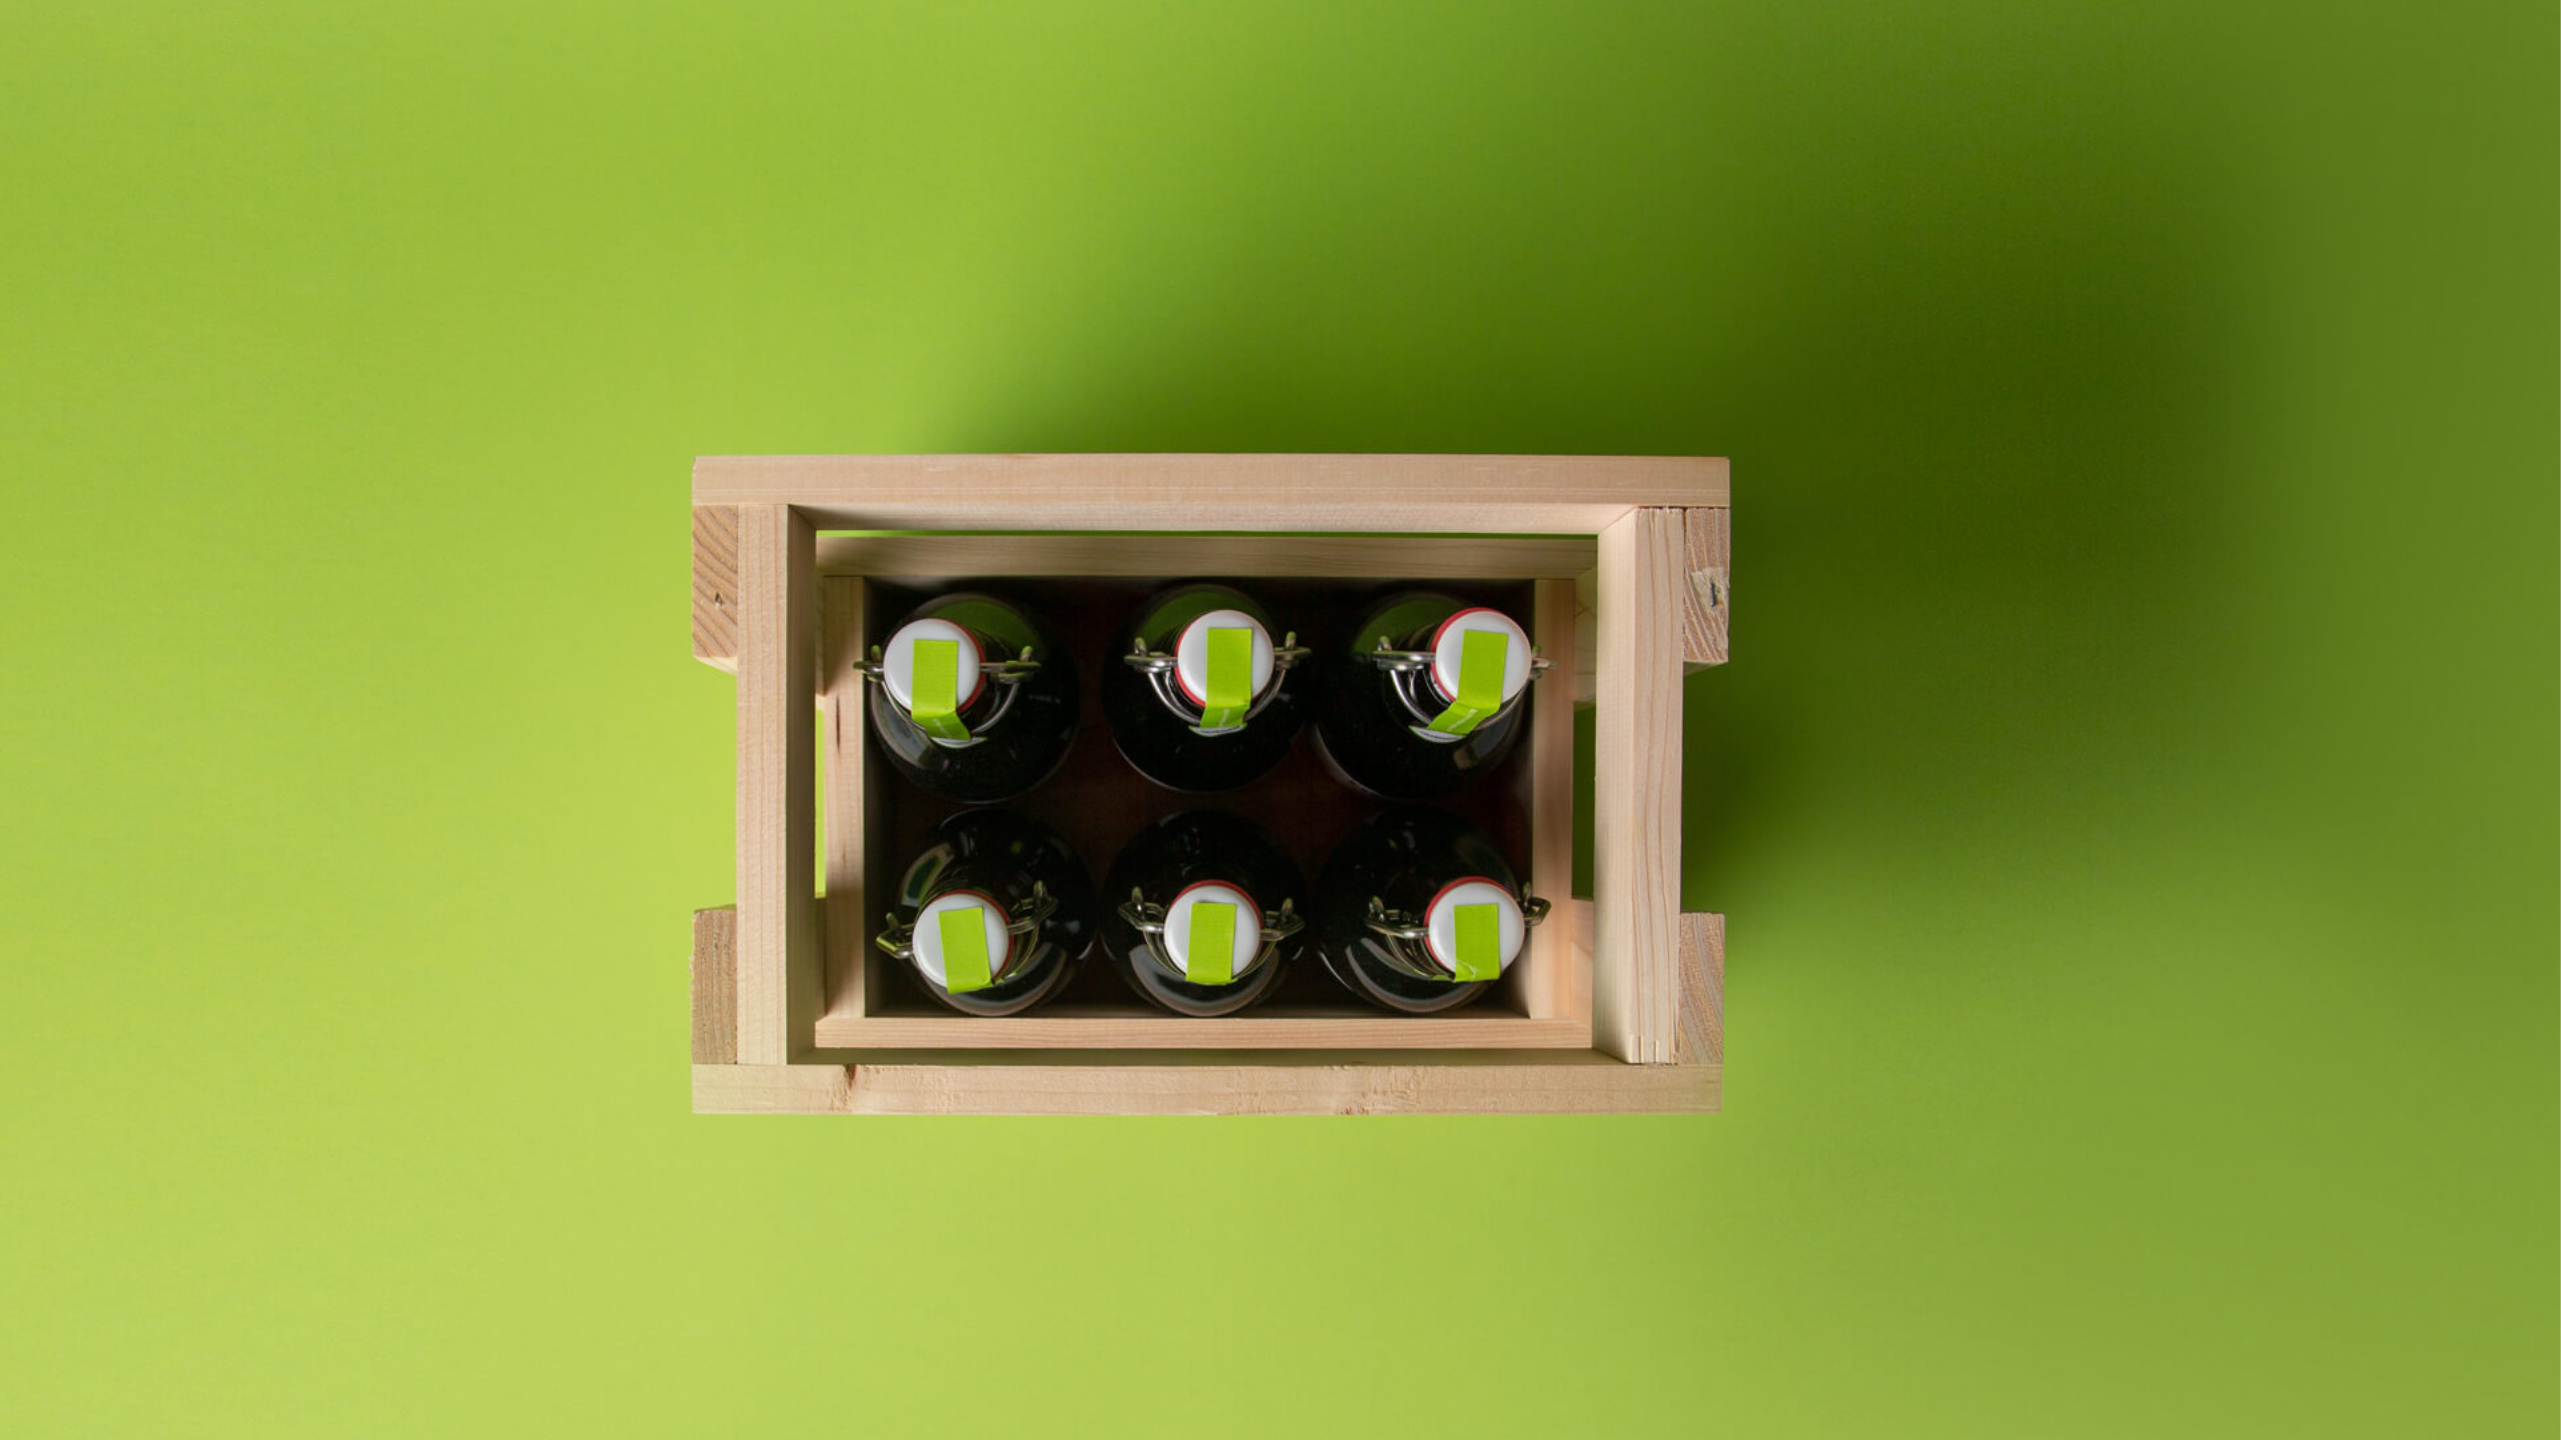 Husner Bierflaschen von oben in einer Harassen